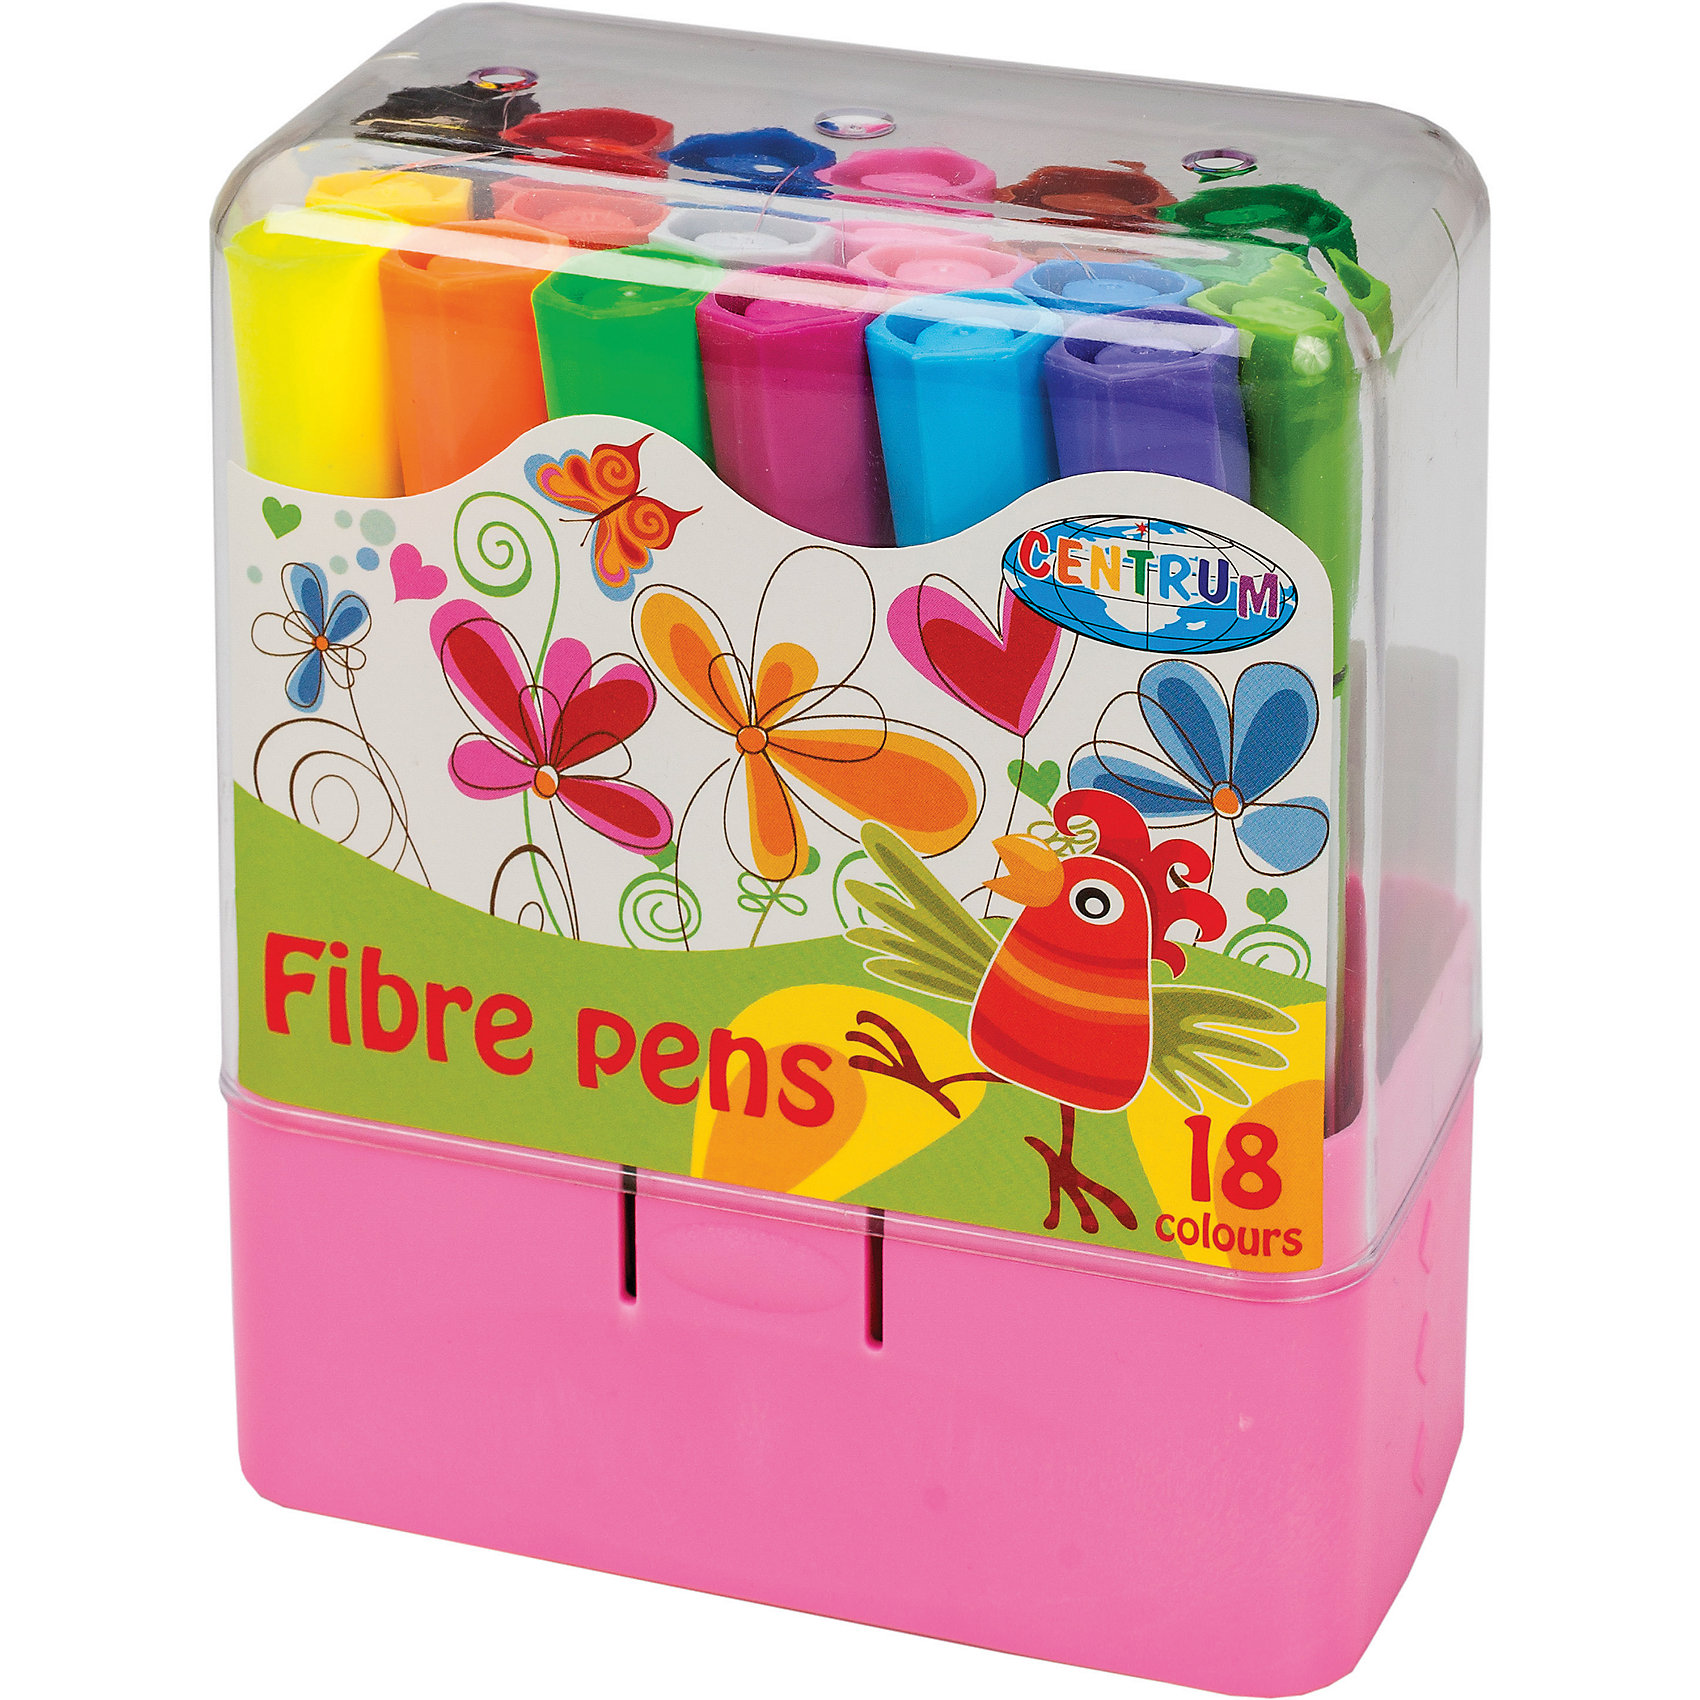 CENTRUM Фломастеры толстые, 18 цветов наборы для рисования centrum фломастеры распылители 12 цветов